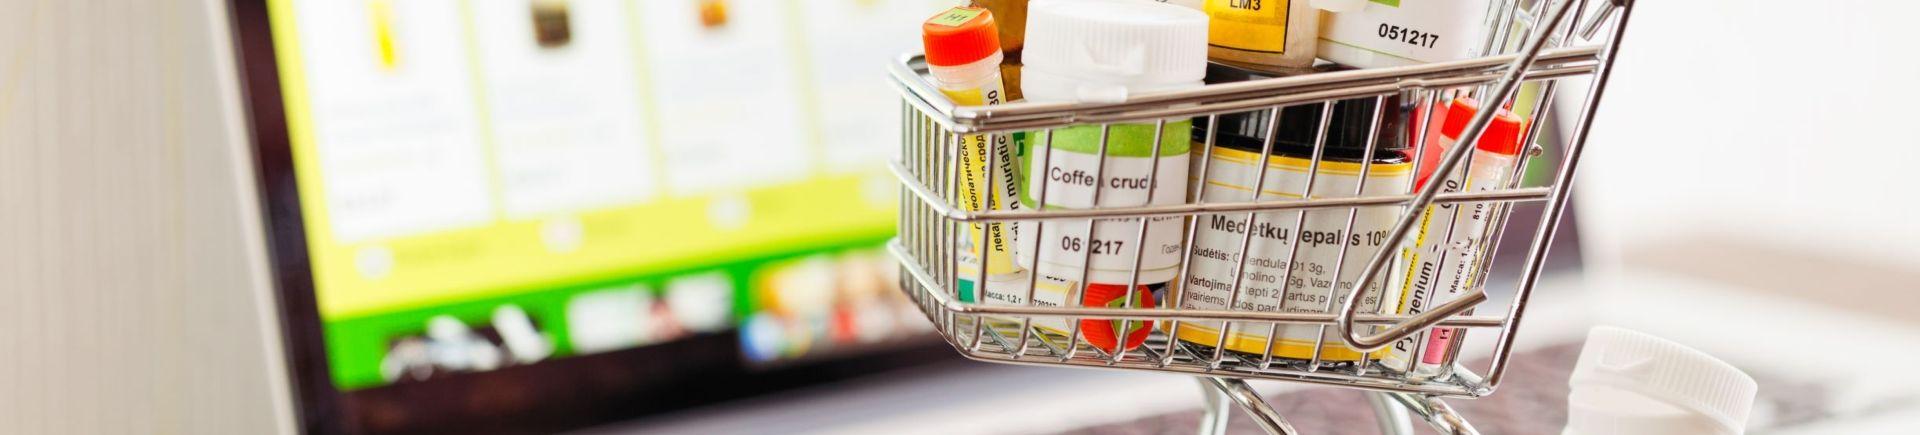 e-pharmacies